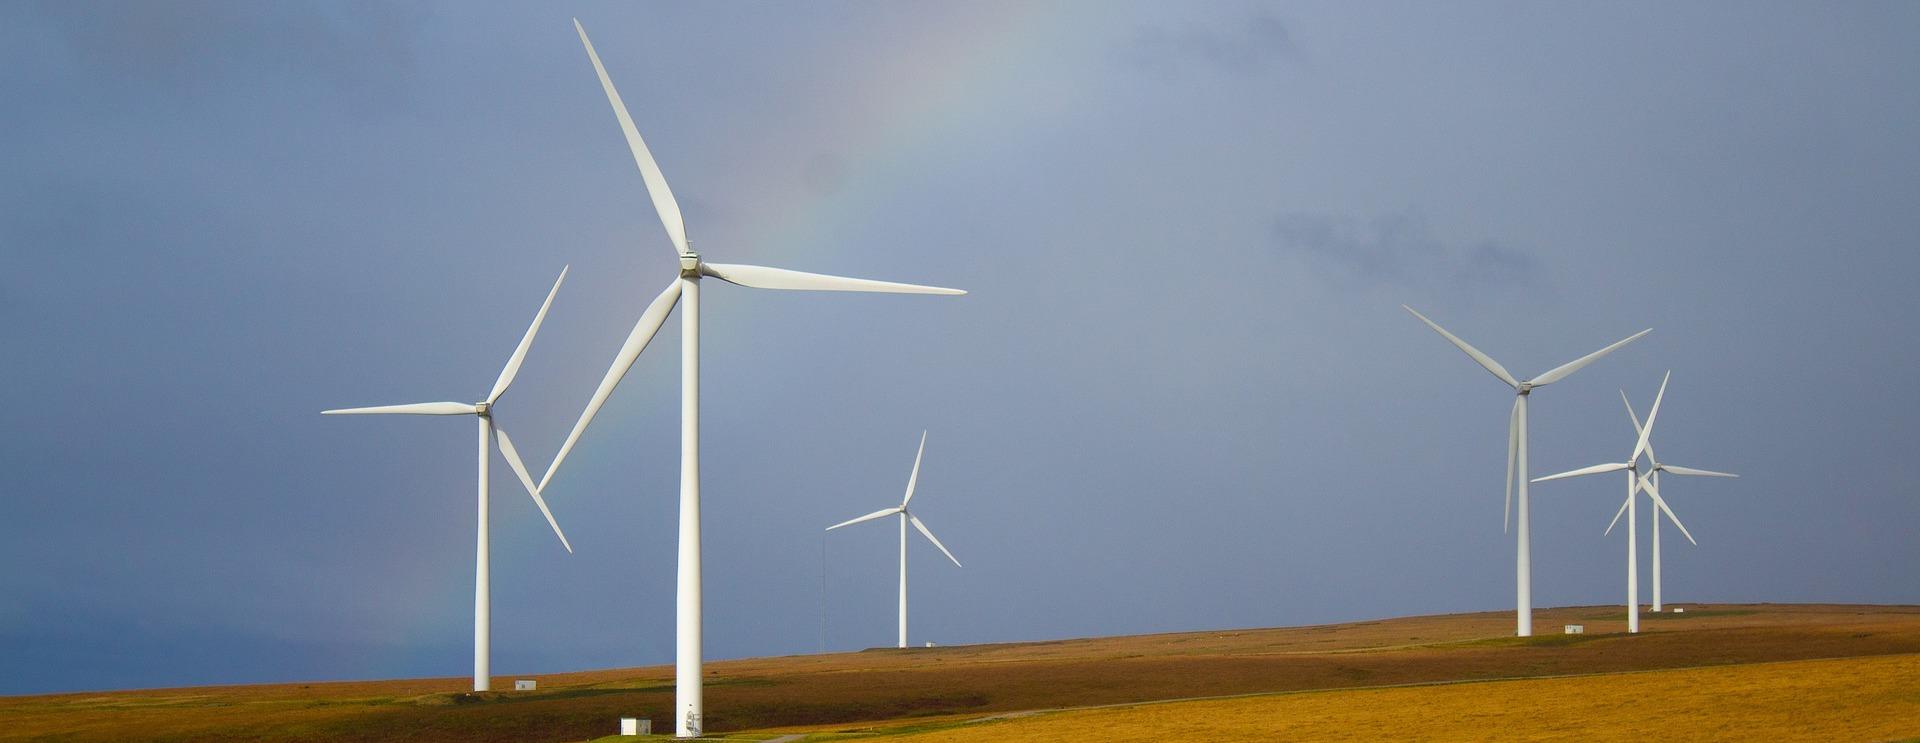 Mise en service de centrales éoliennes à Kalmykia et dans la région de Rostov